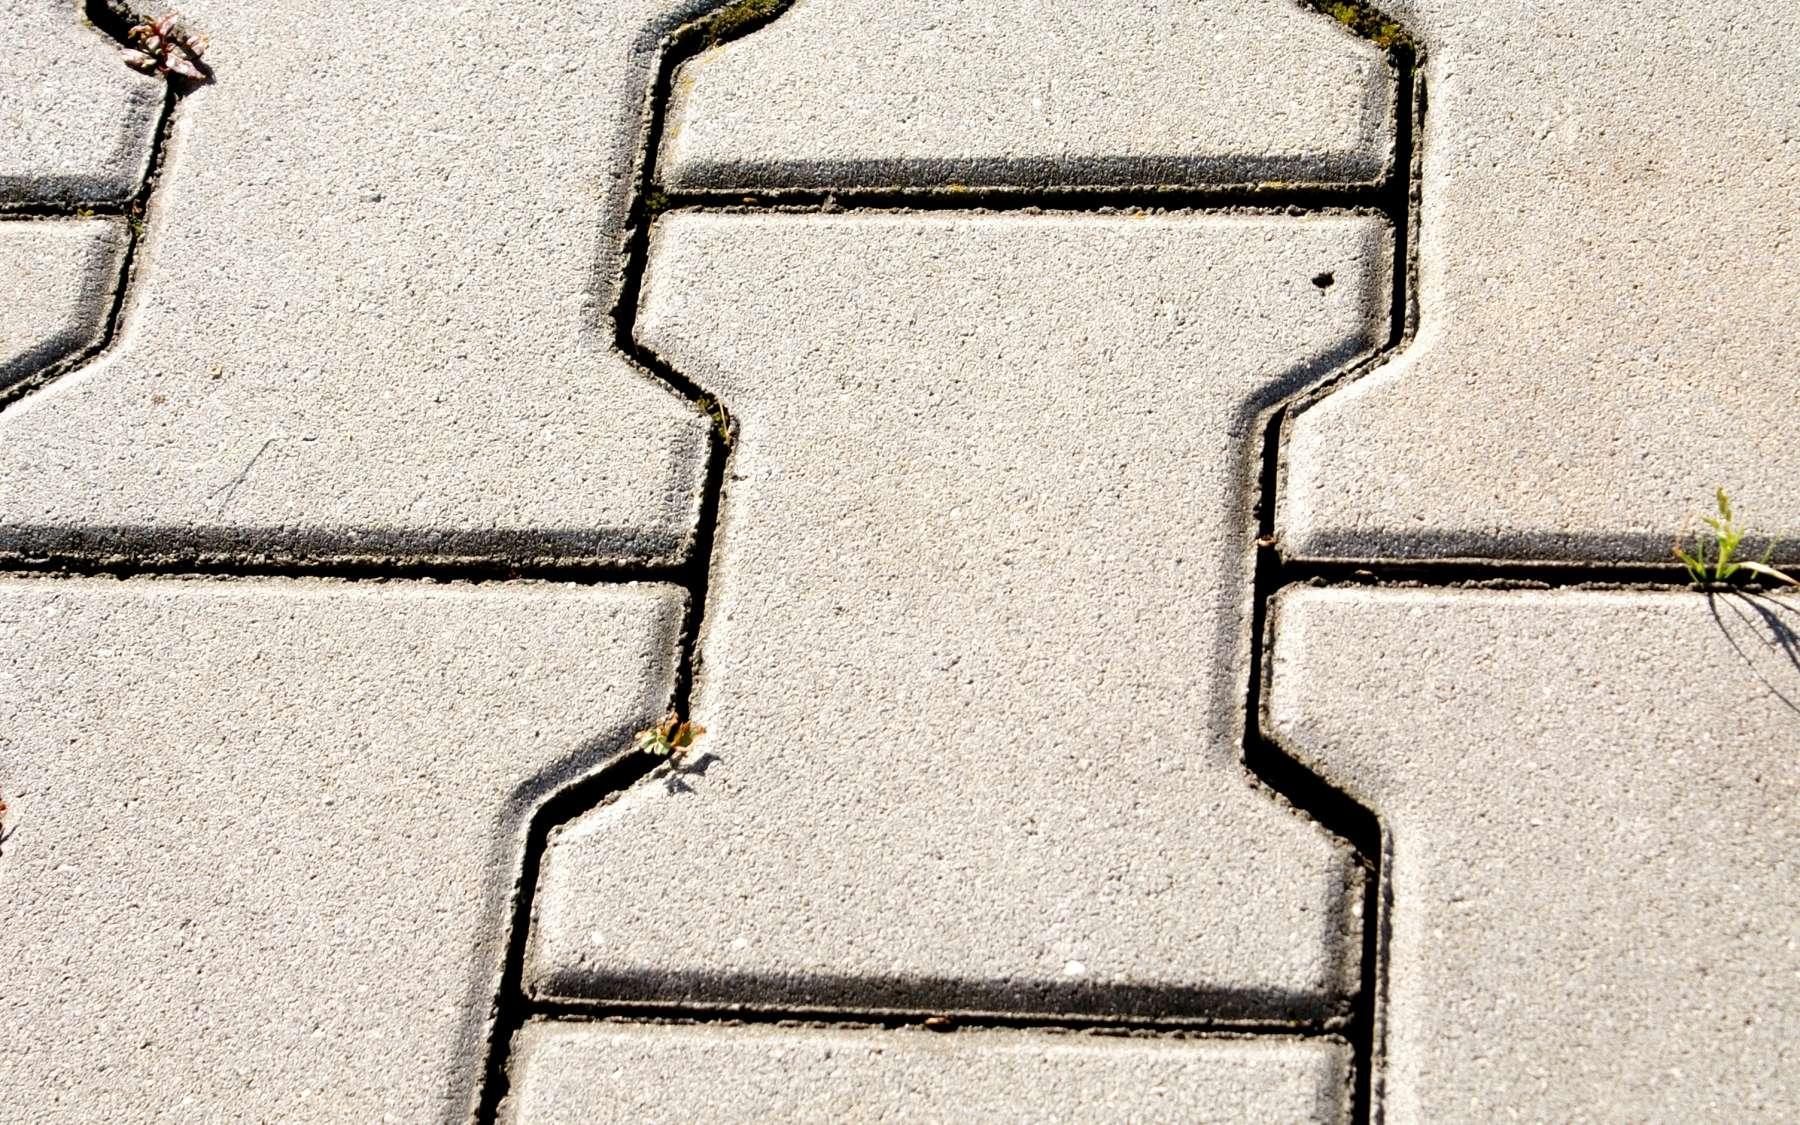 Le pavé autobloquant est un revêtement traditionnellement en forme de I. © HonzaXJ, CC BY-SA 3.0, Wikimedia Commons